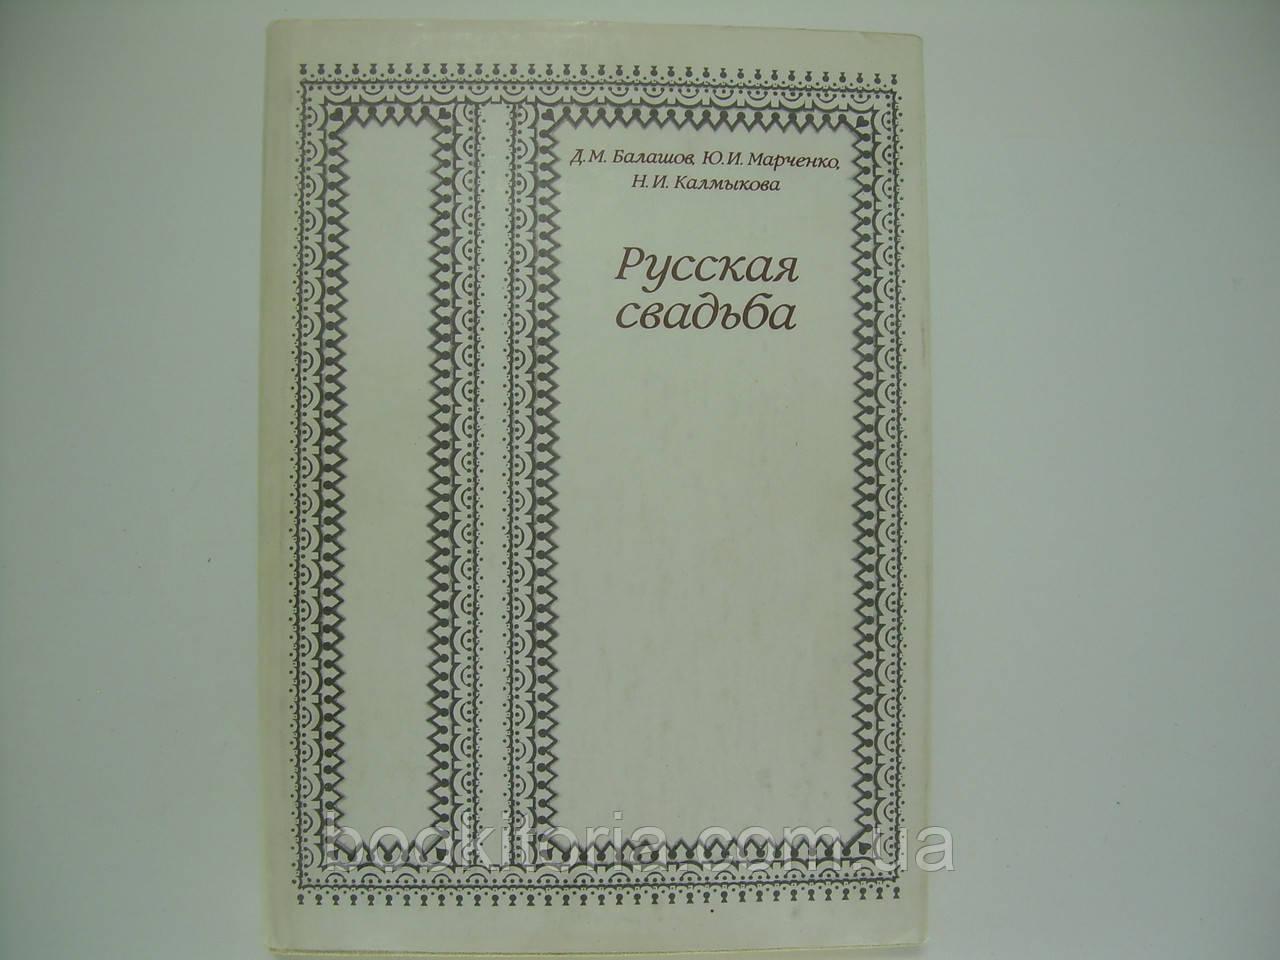 Балашов Д.М. и др. Русская свадьба (б/у).